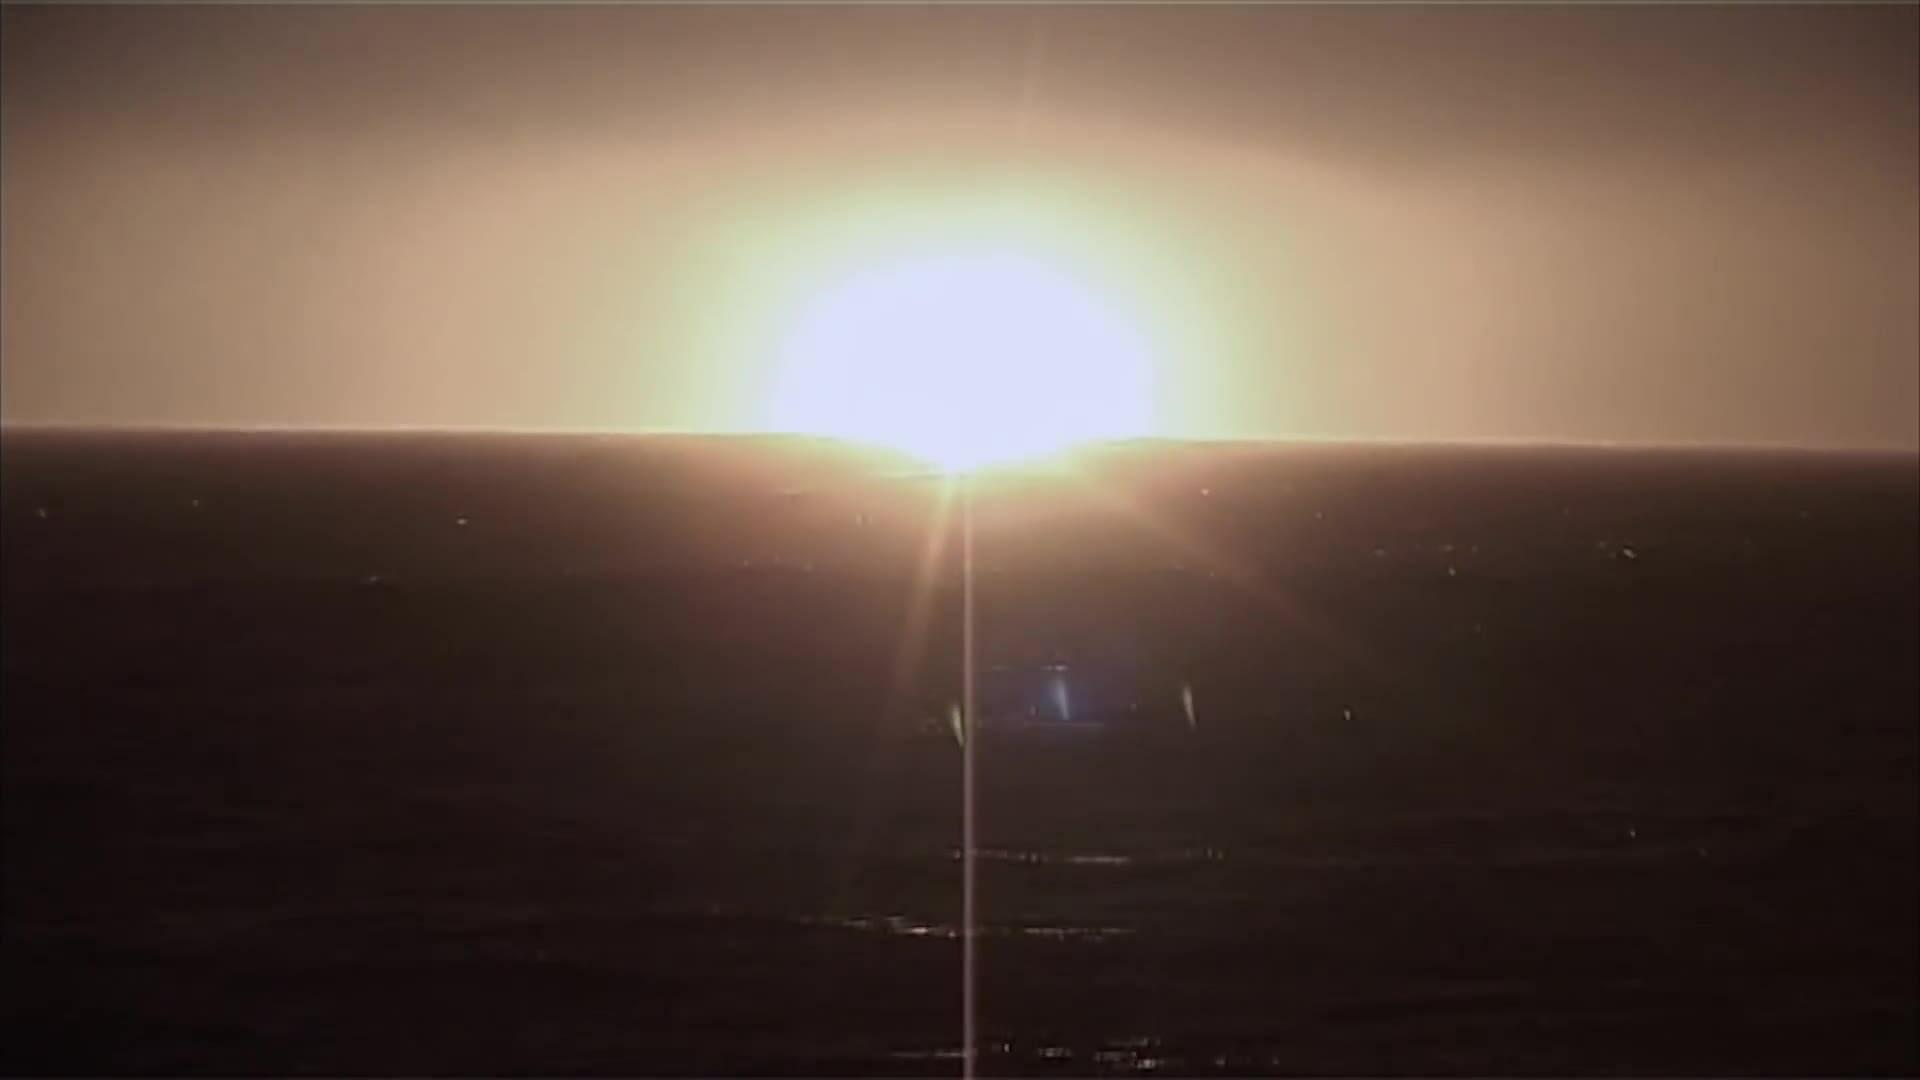 Tàu ngầm tối tân Nga lần đầu phóng tên lửa